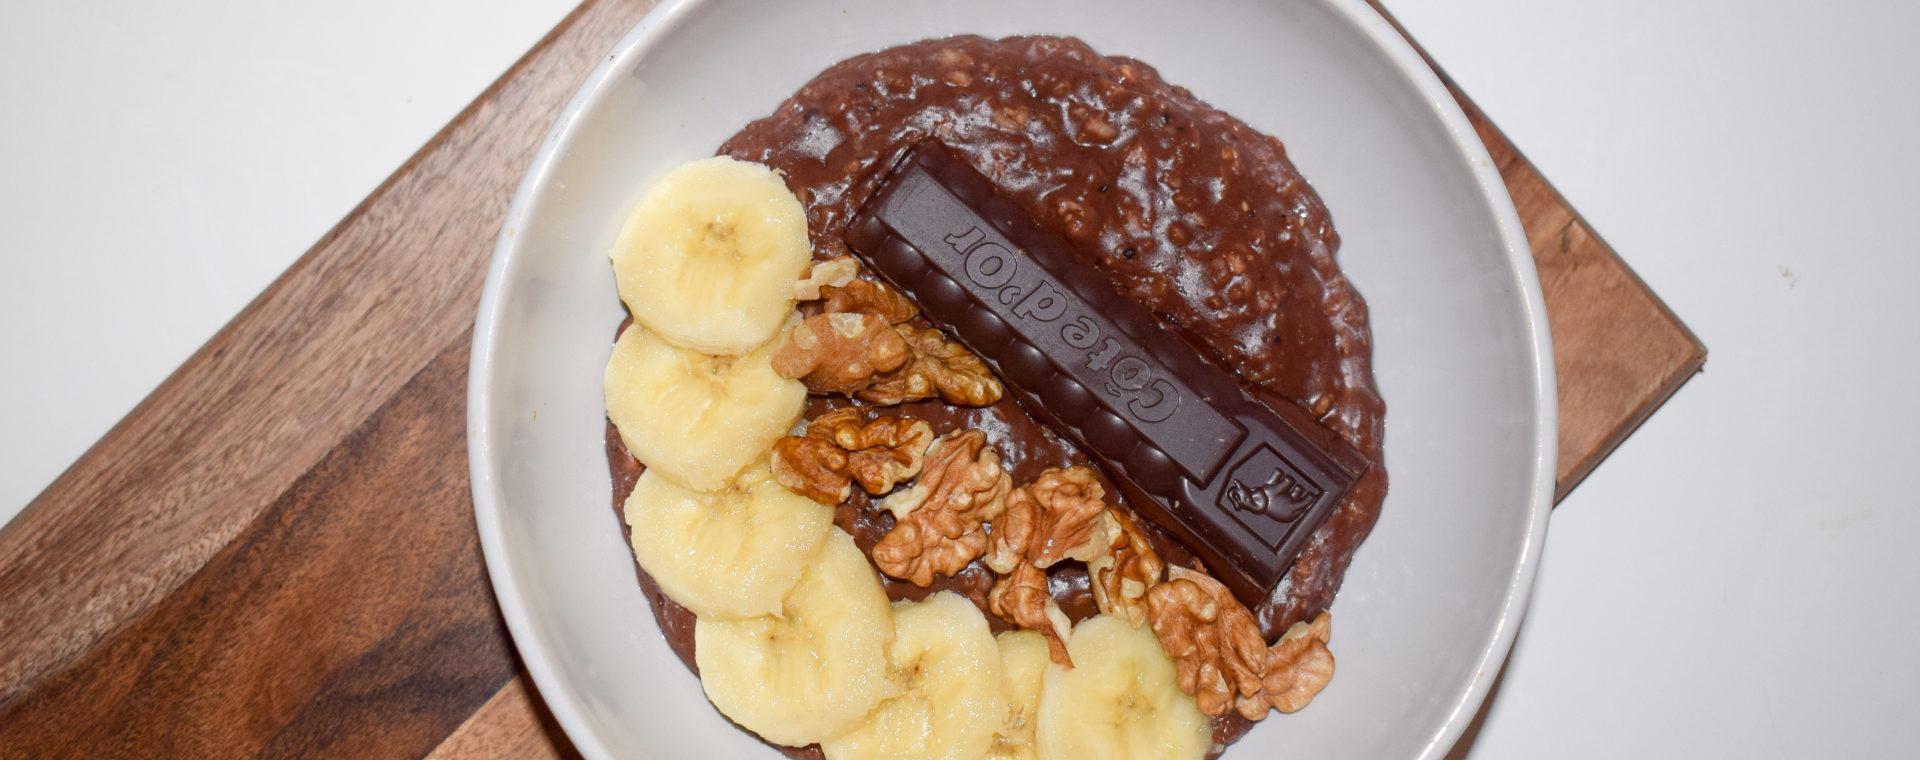 Porridge au chocolat